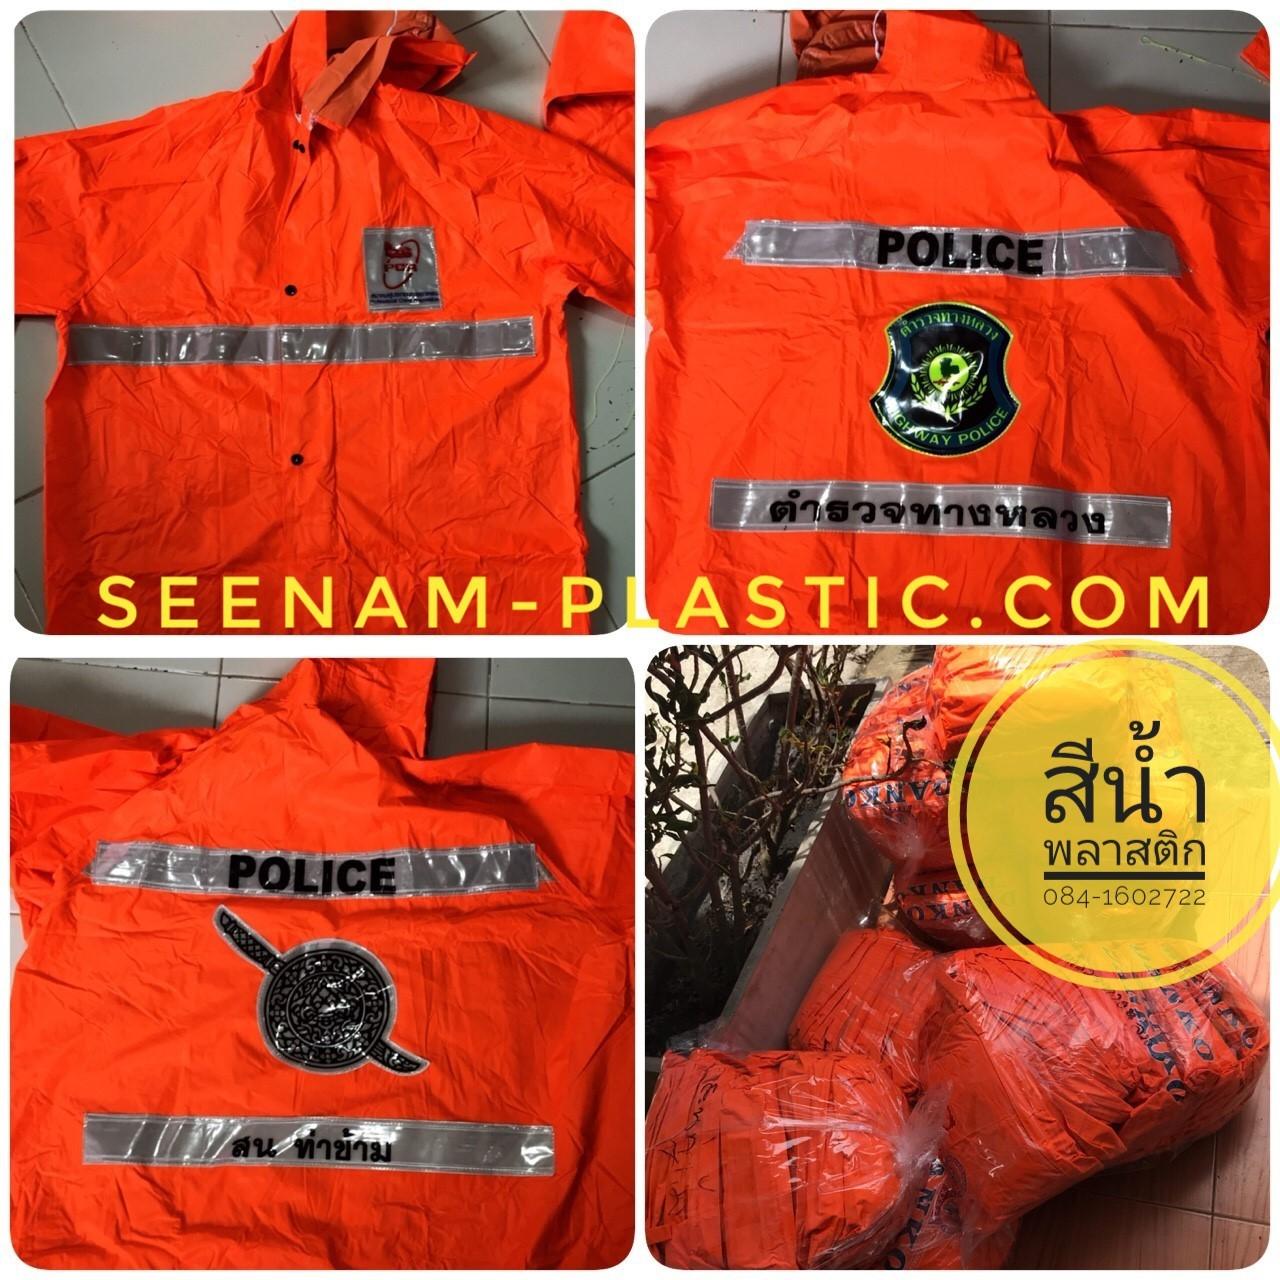 เสื้อกันฝนจราจร เสื้อกันฝนตำรวจ เสื้อกันฝนสะท้อนแสงราคา เสื้อกันฝนสีส้ม เสื้อกันฝนสะท้อนแสง เสื้อกันฝนติดแถบสะท้อนแสง